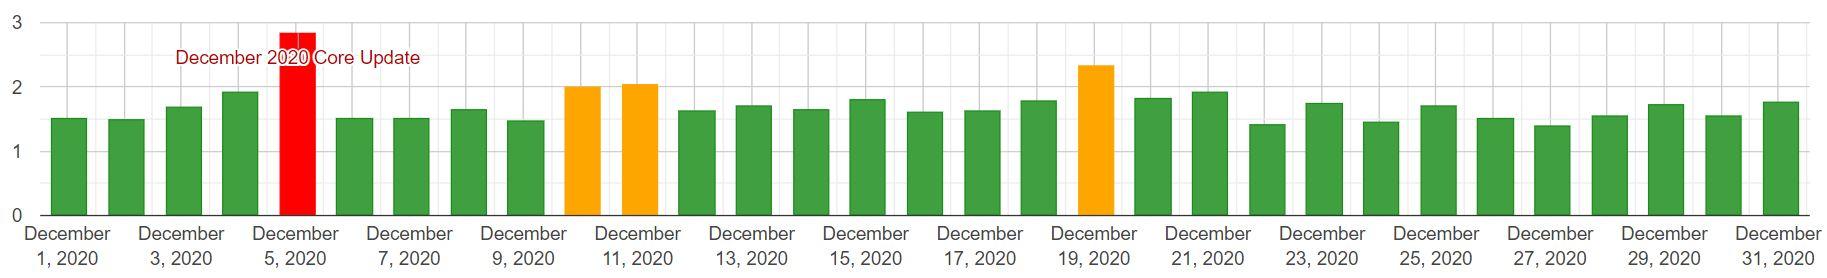 Algoroo: zmiany w SERP (desktop) - grudzień 2020